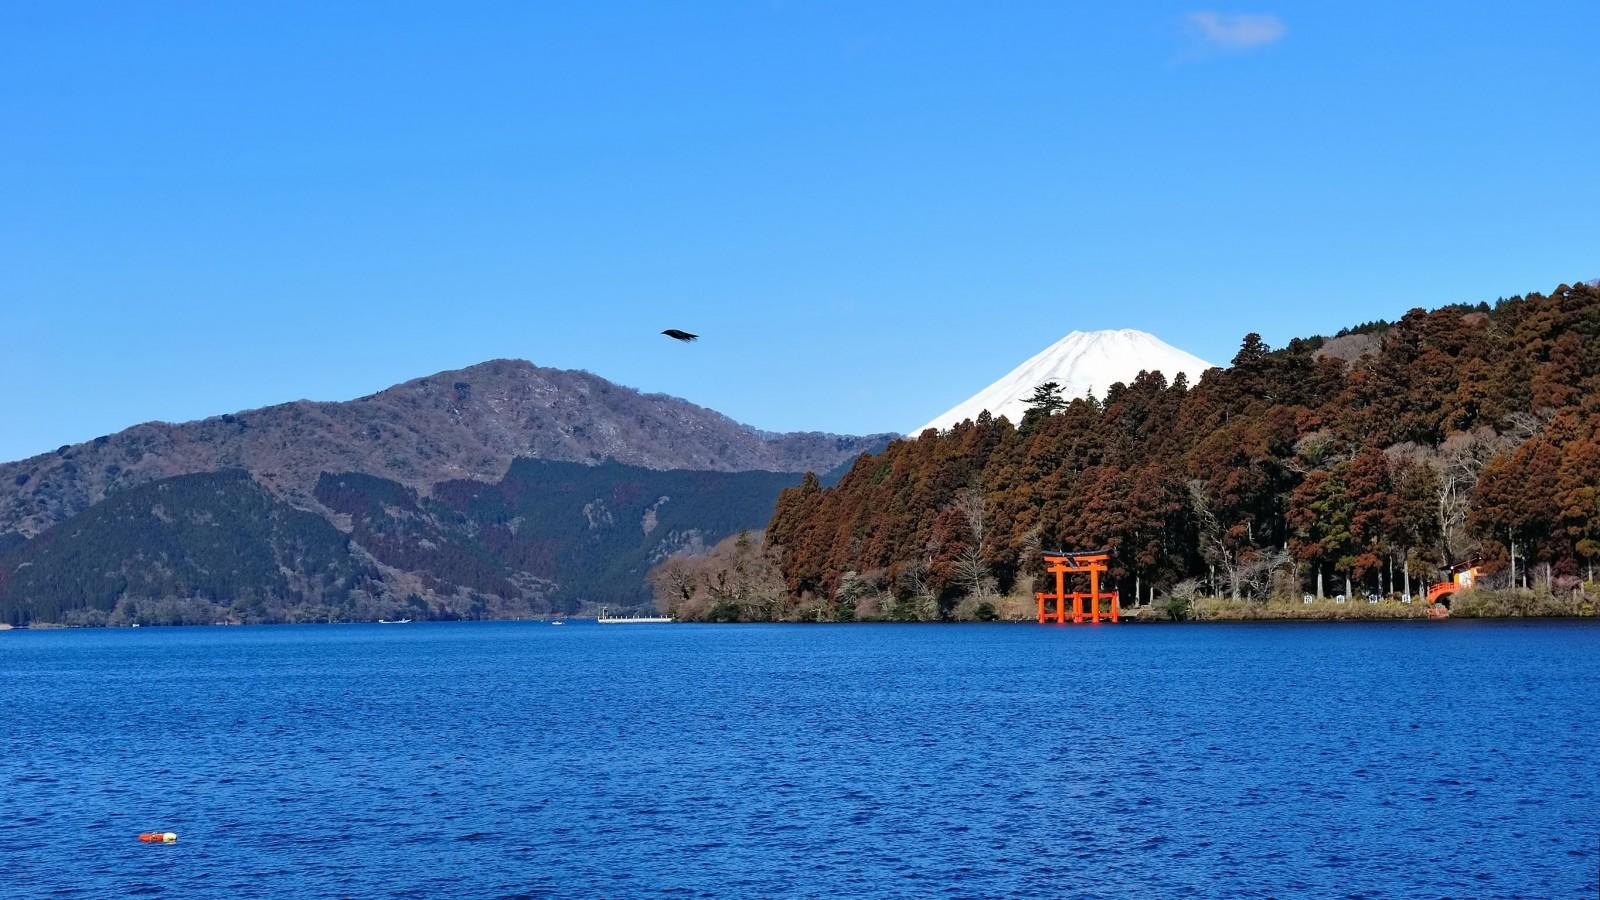 Torii del Hakone jinja en el lago Ashi y vista del Monte Fuji